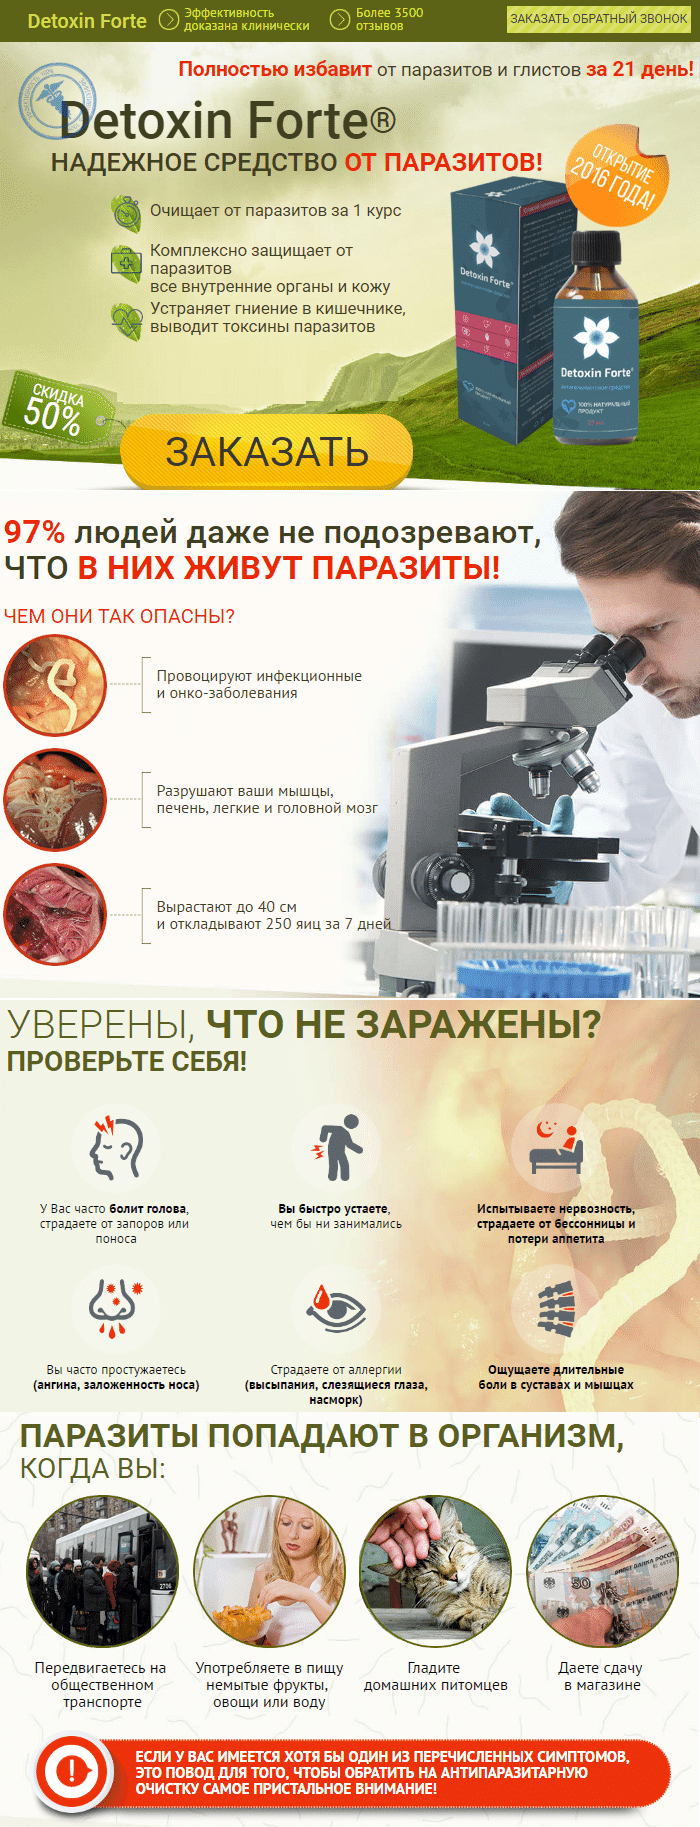 средство от паразитов в человеке